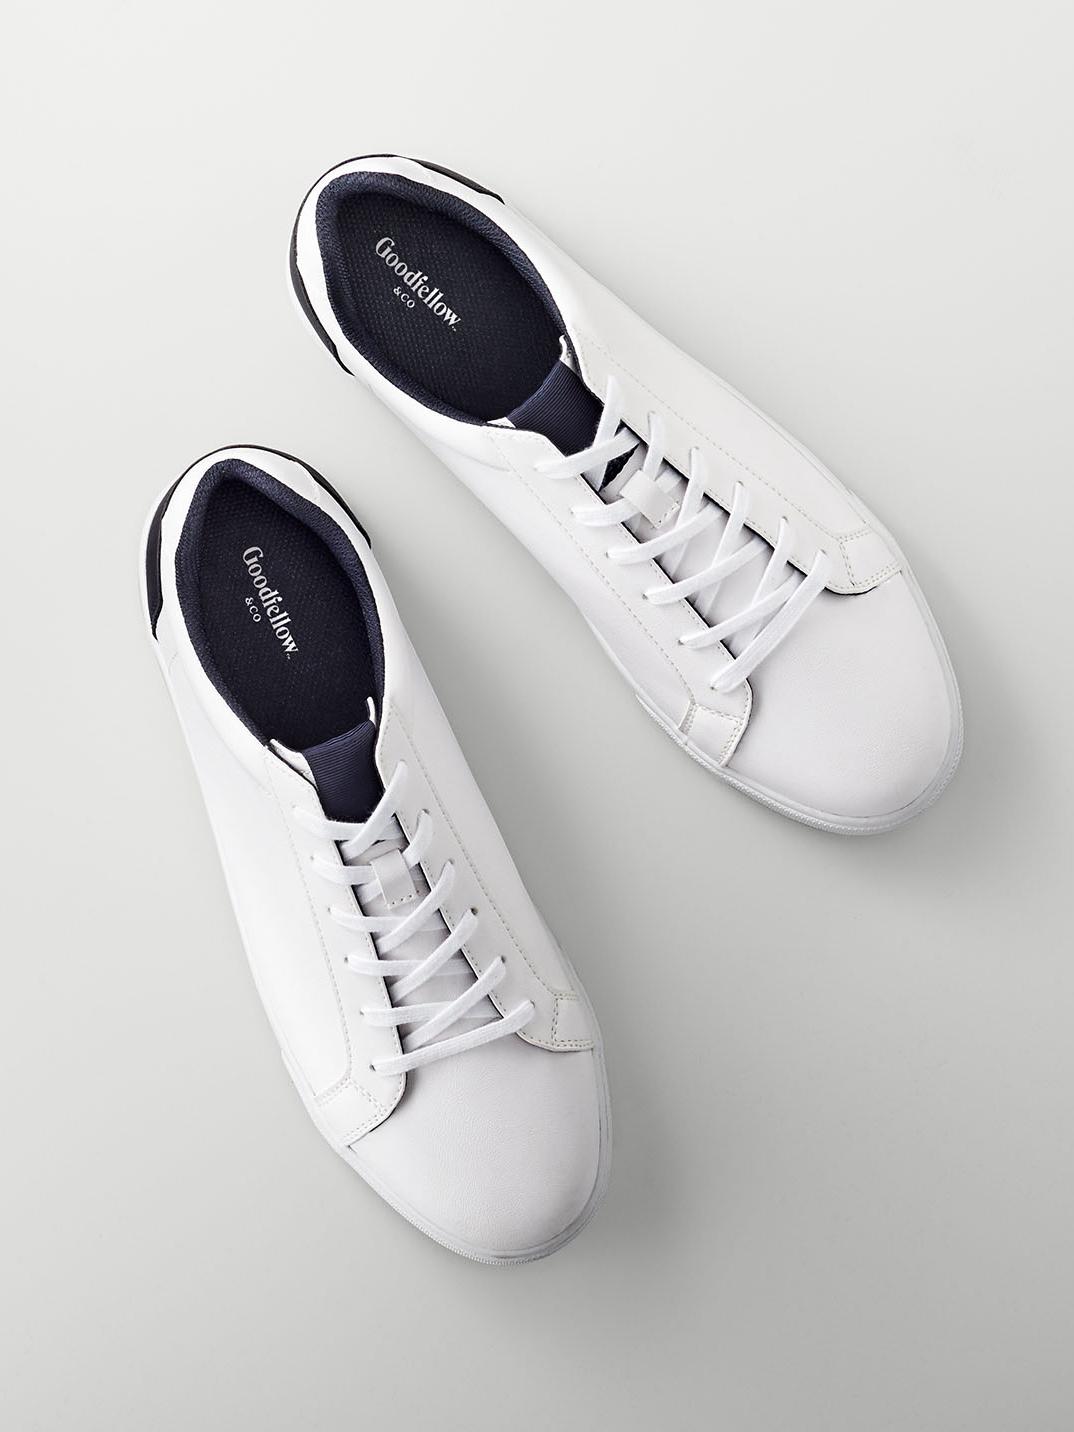 GF_Detail_Sneakers